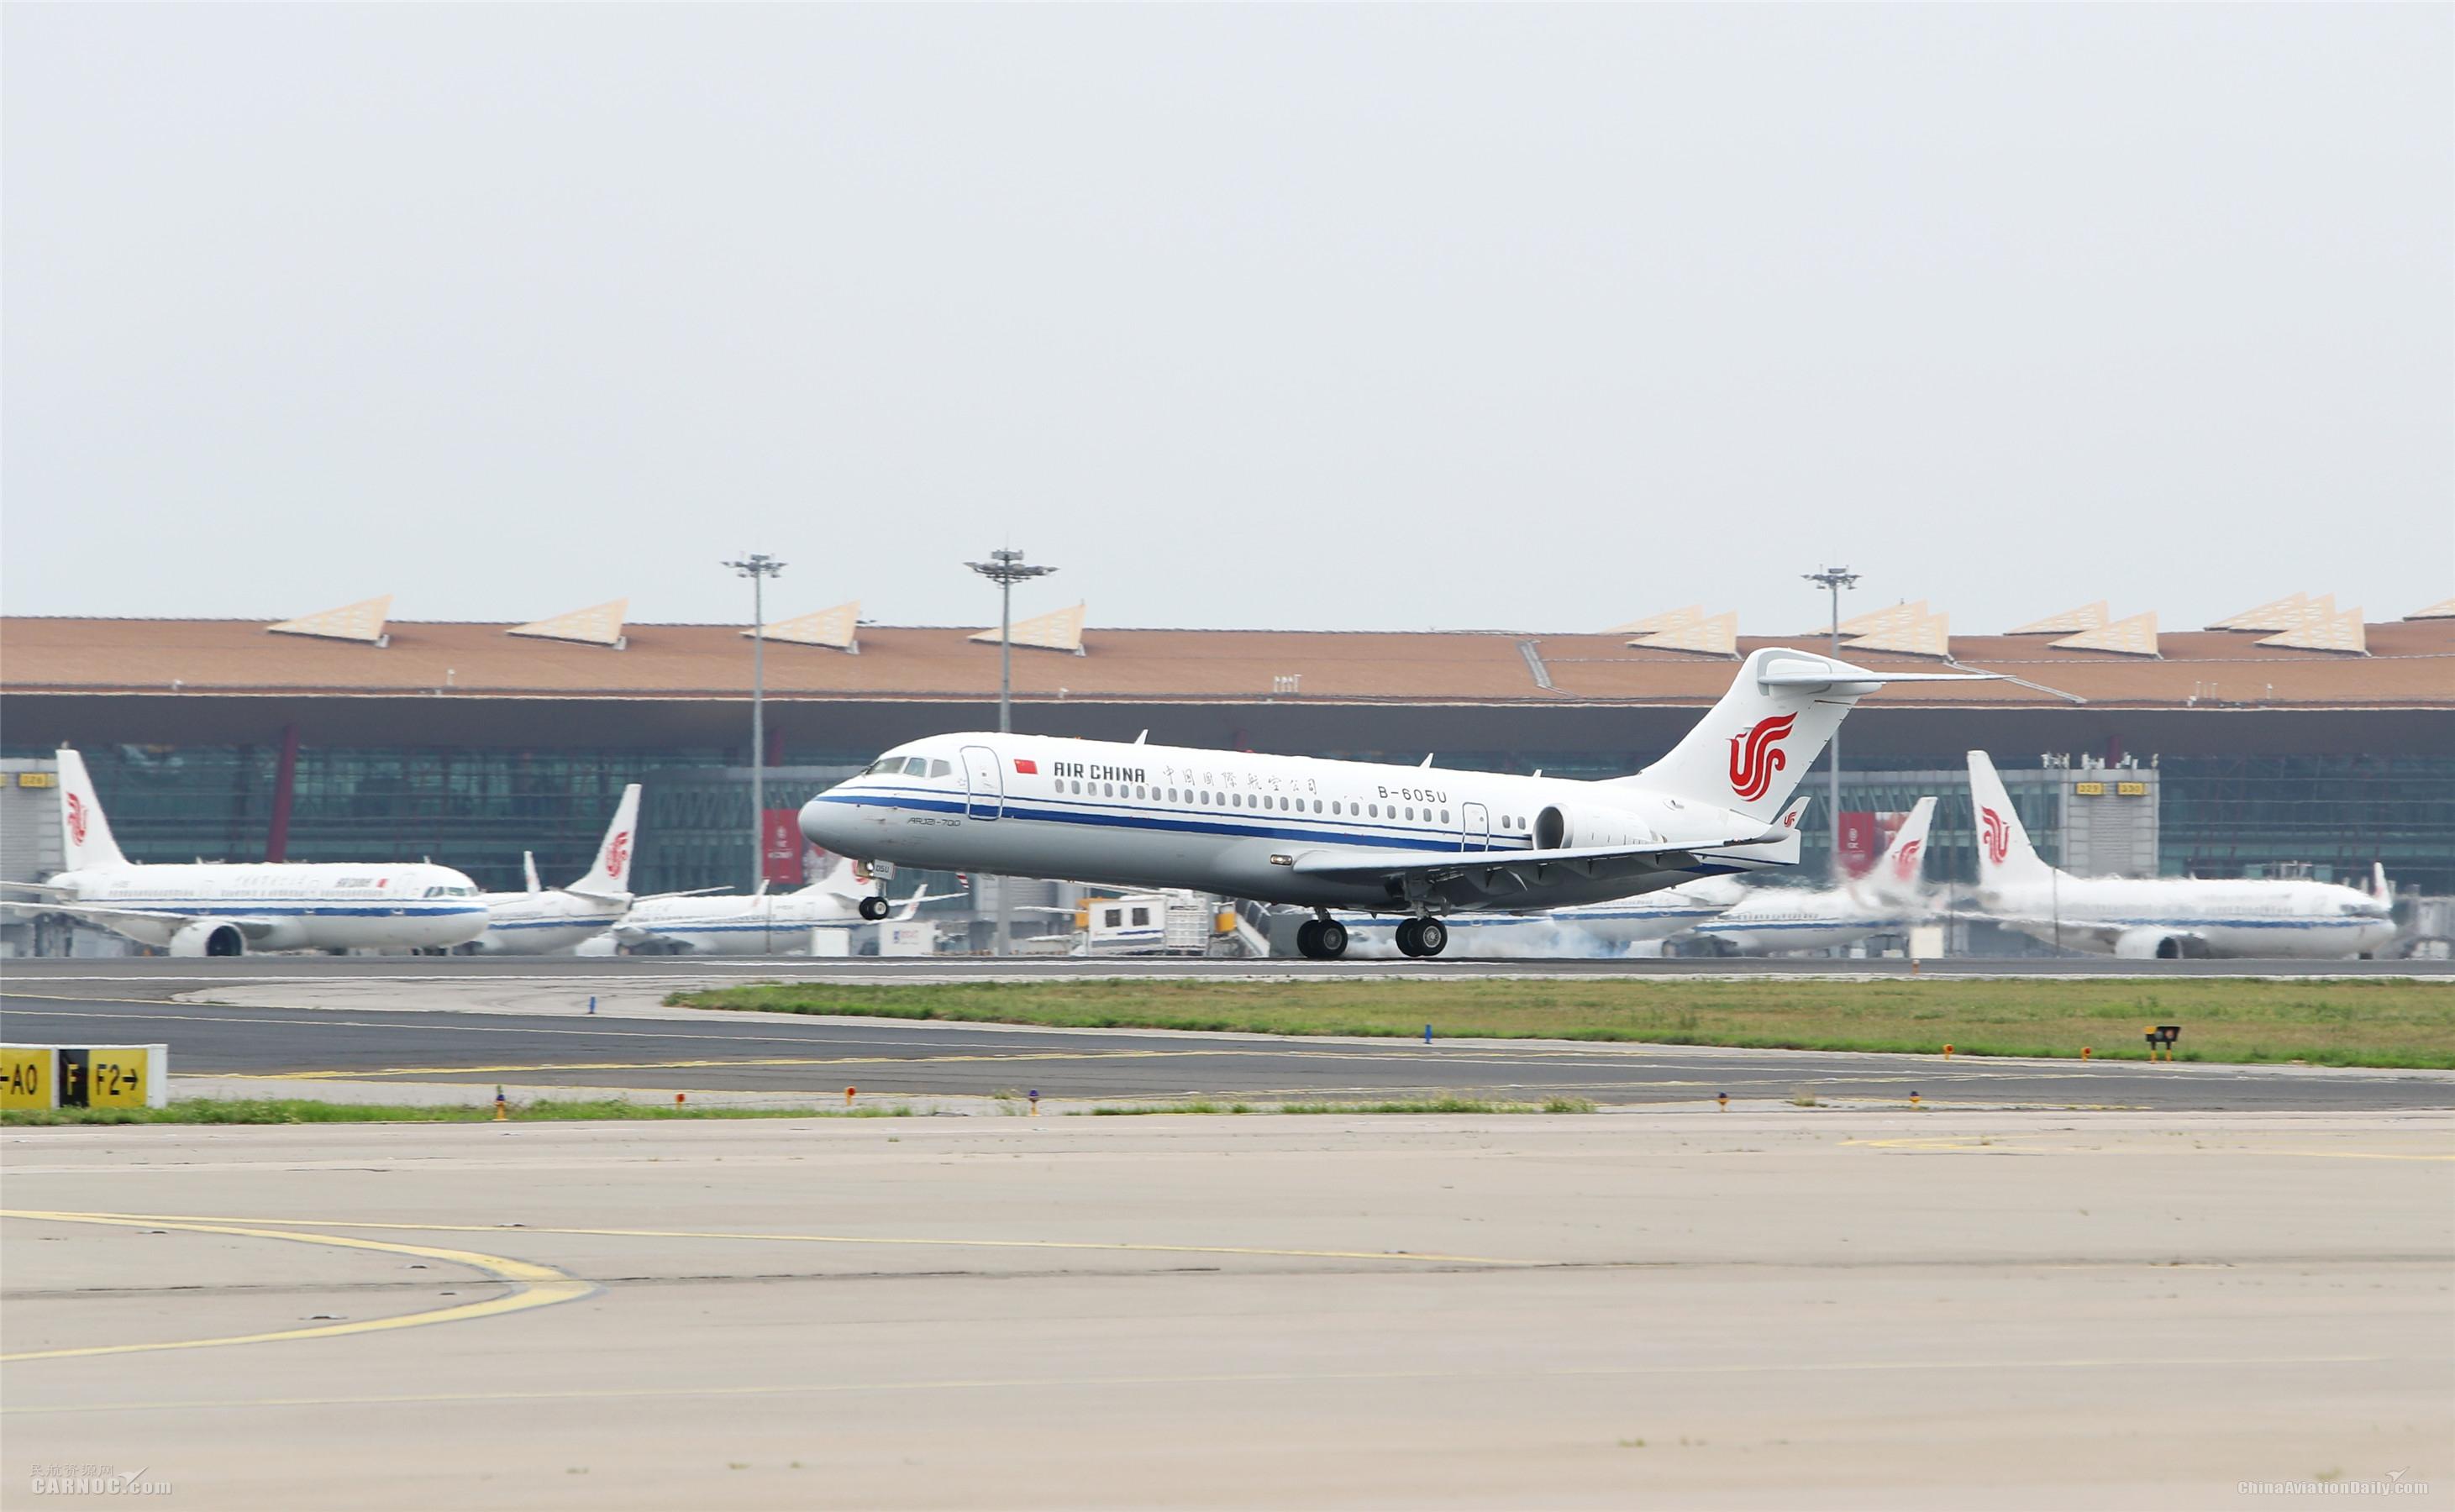 国航首架ARJ21-700飞机抵京享受航空界最高礼遇